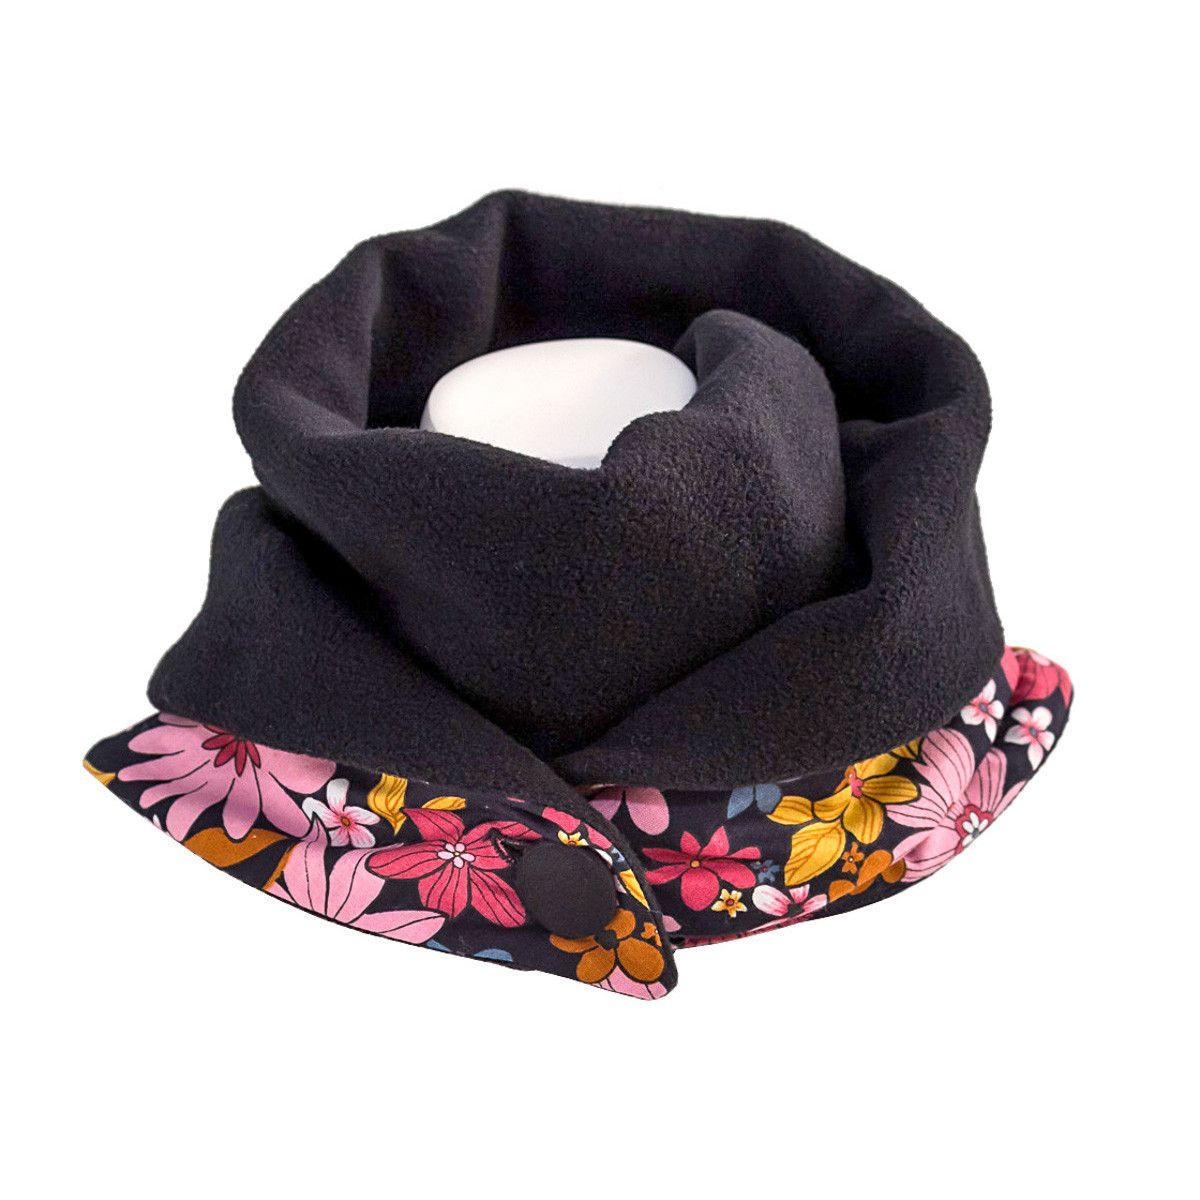 Echarpe polaire femme coton noir et fleurs rose